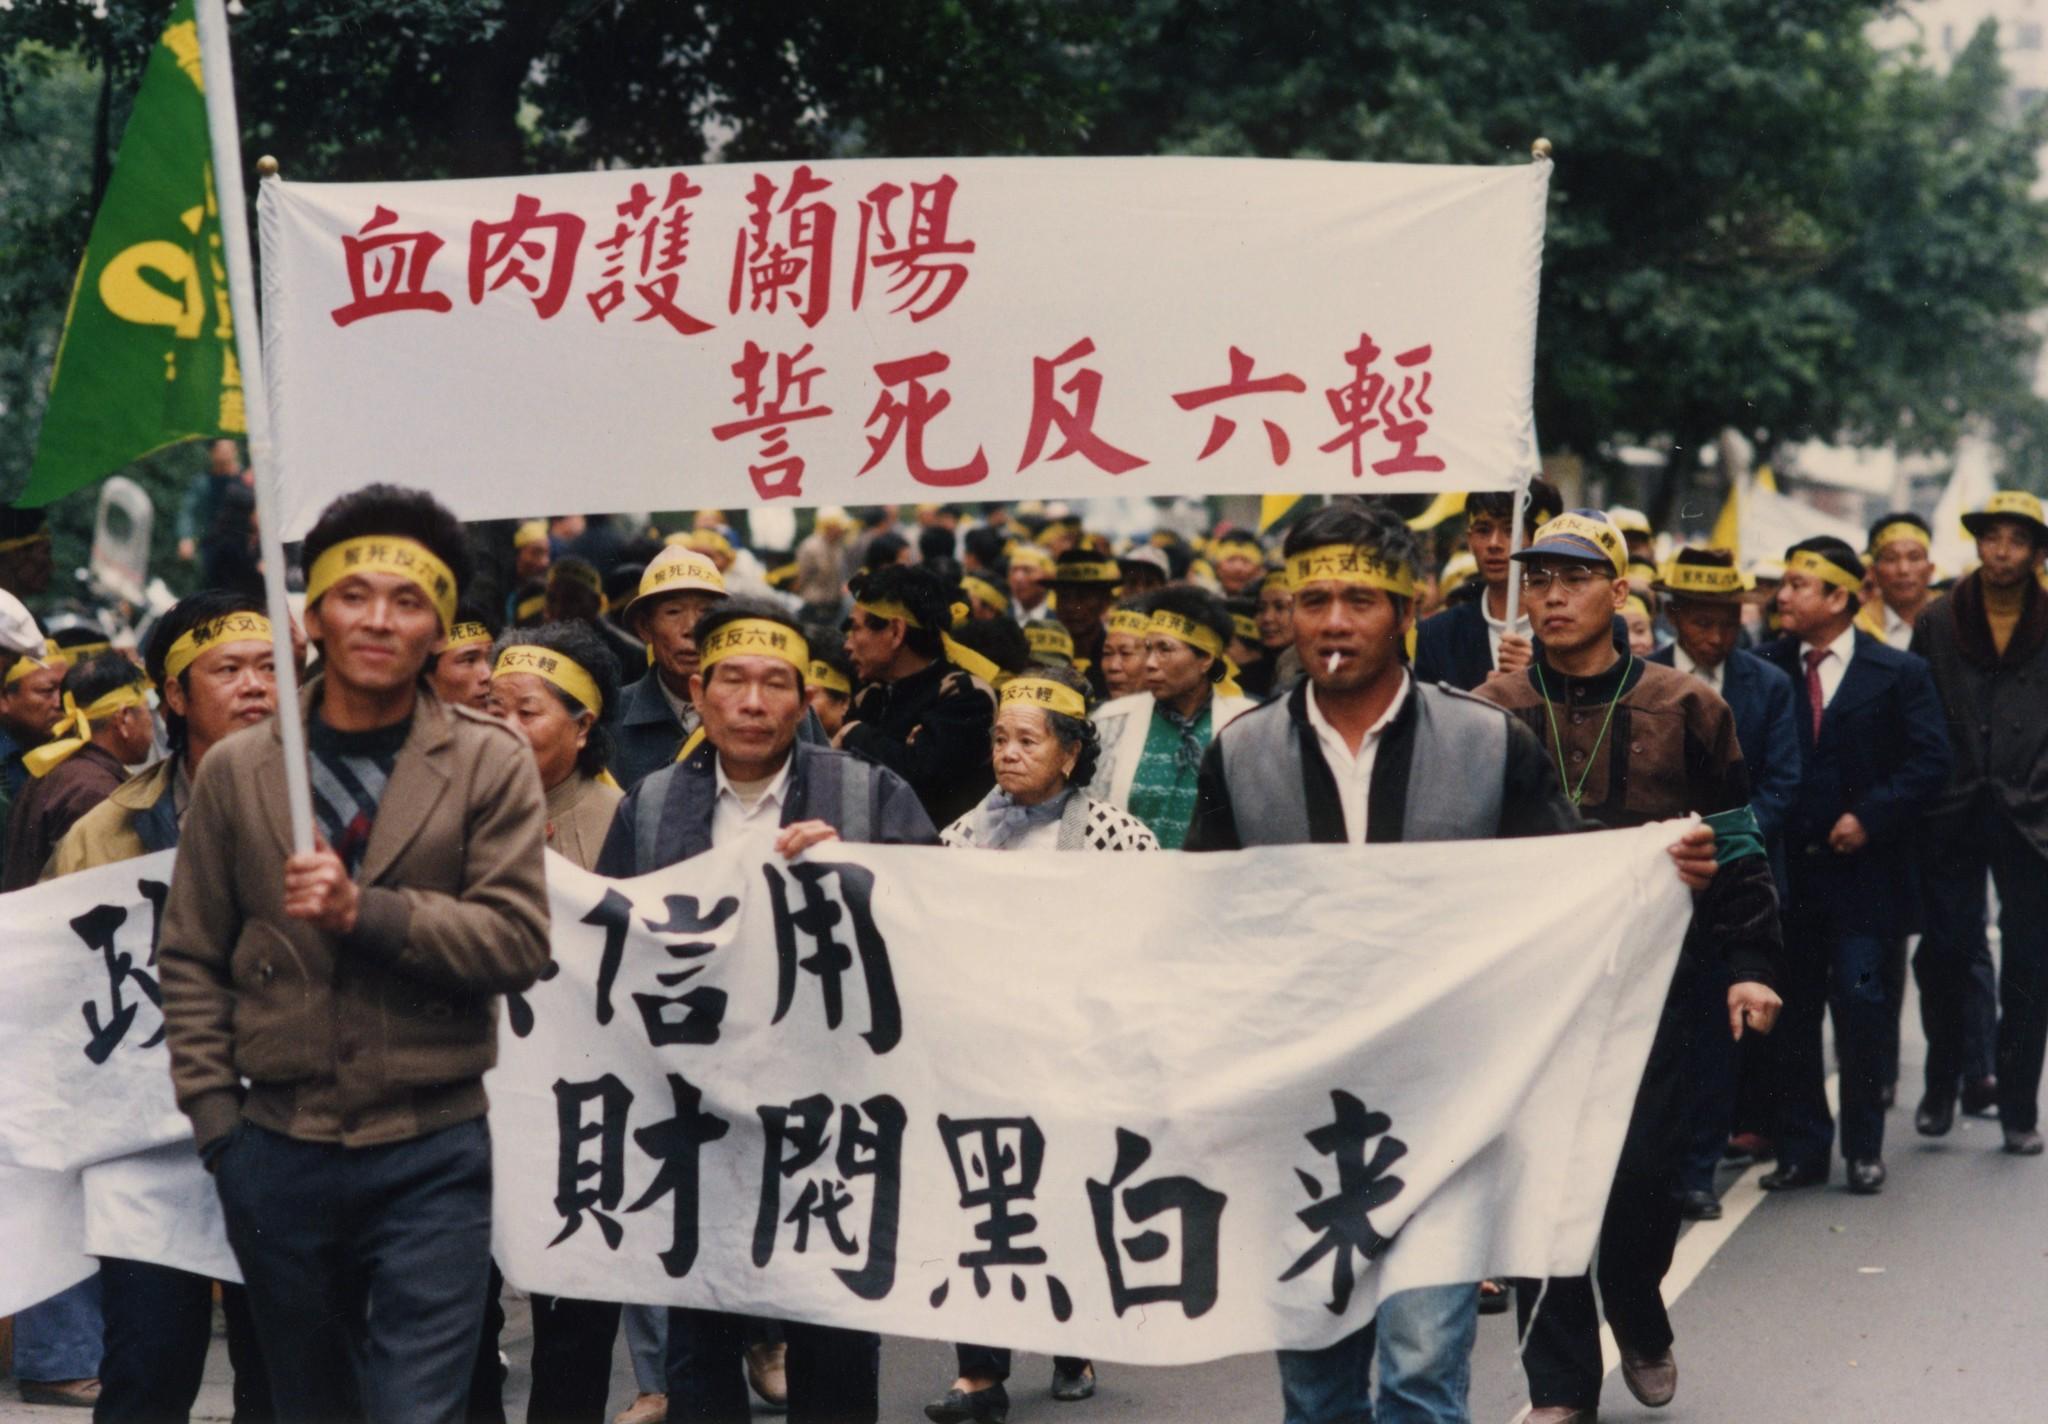 宜蘭居民到經濟部抗議反六輕。(照片提供/柯金源)